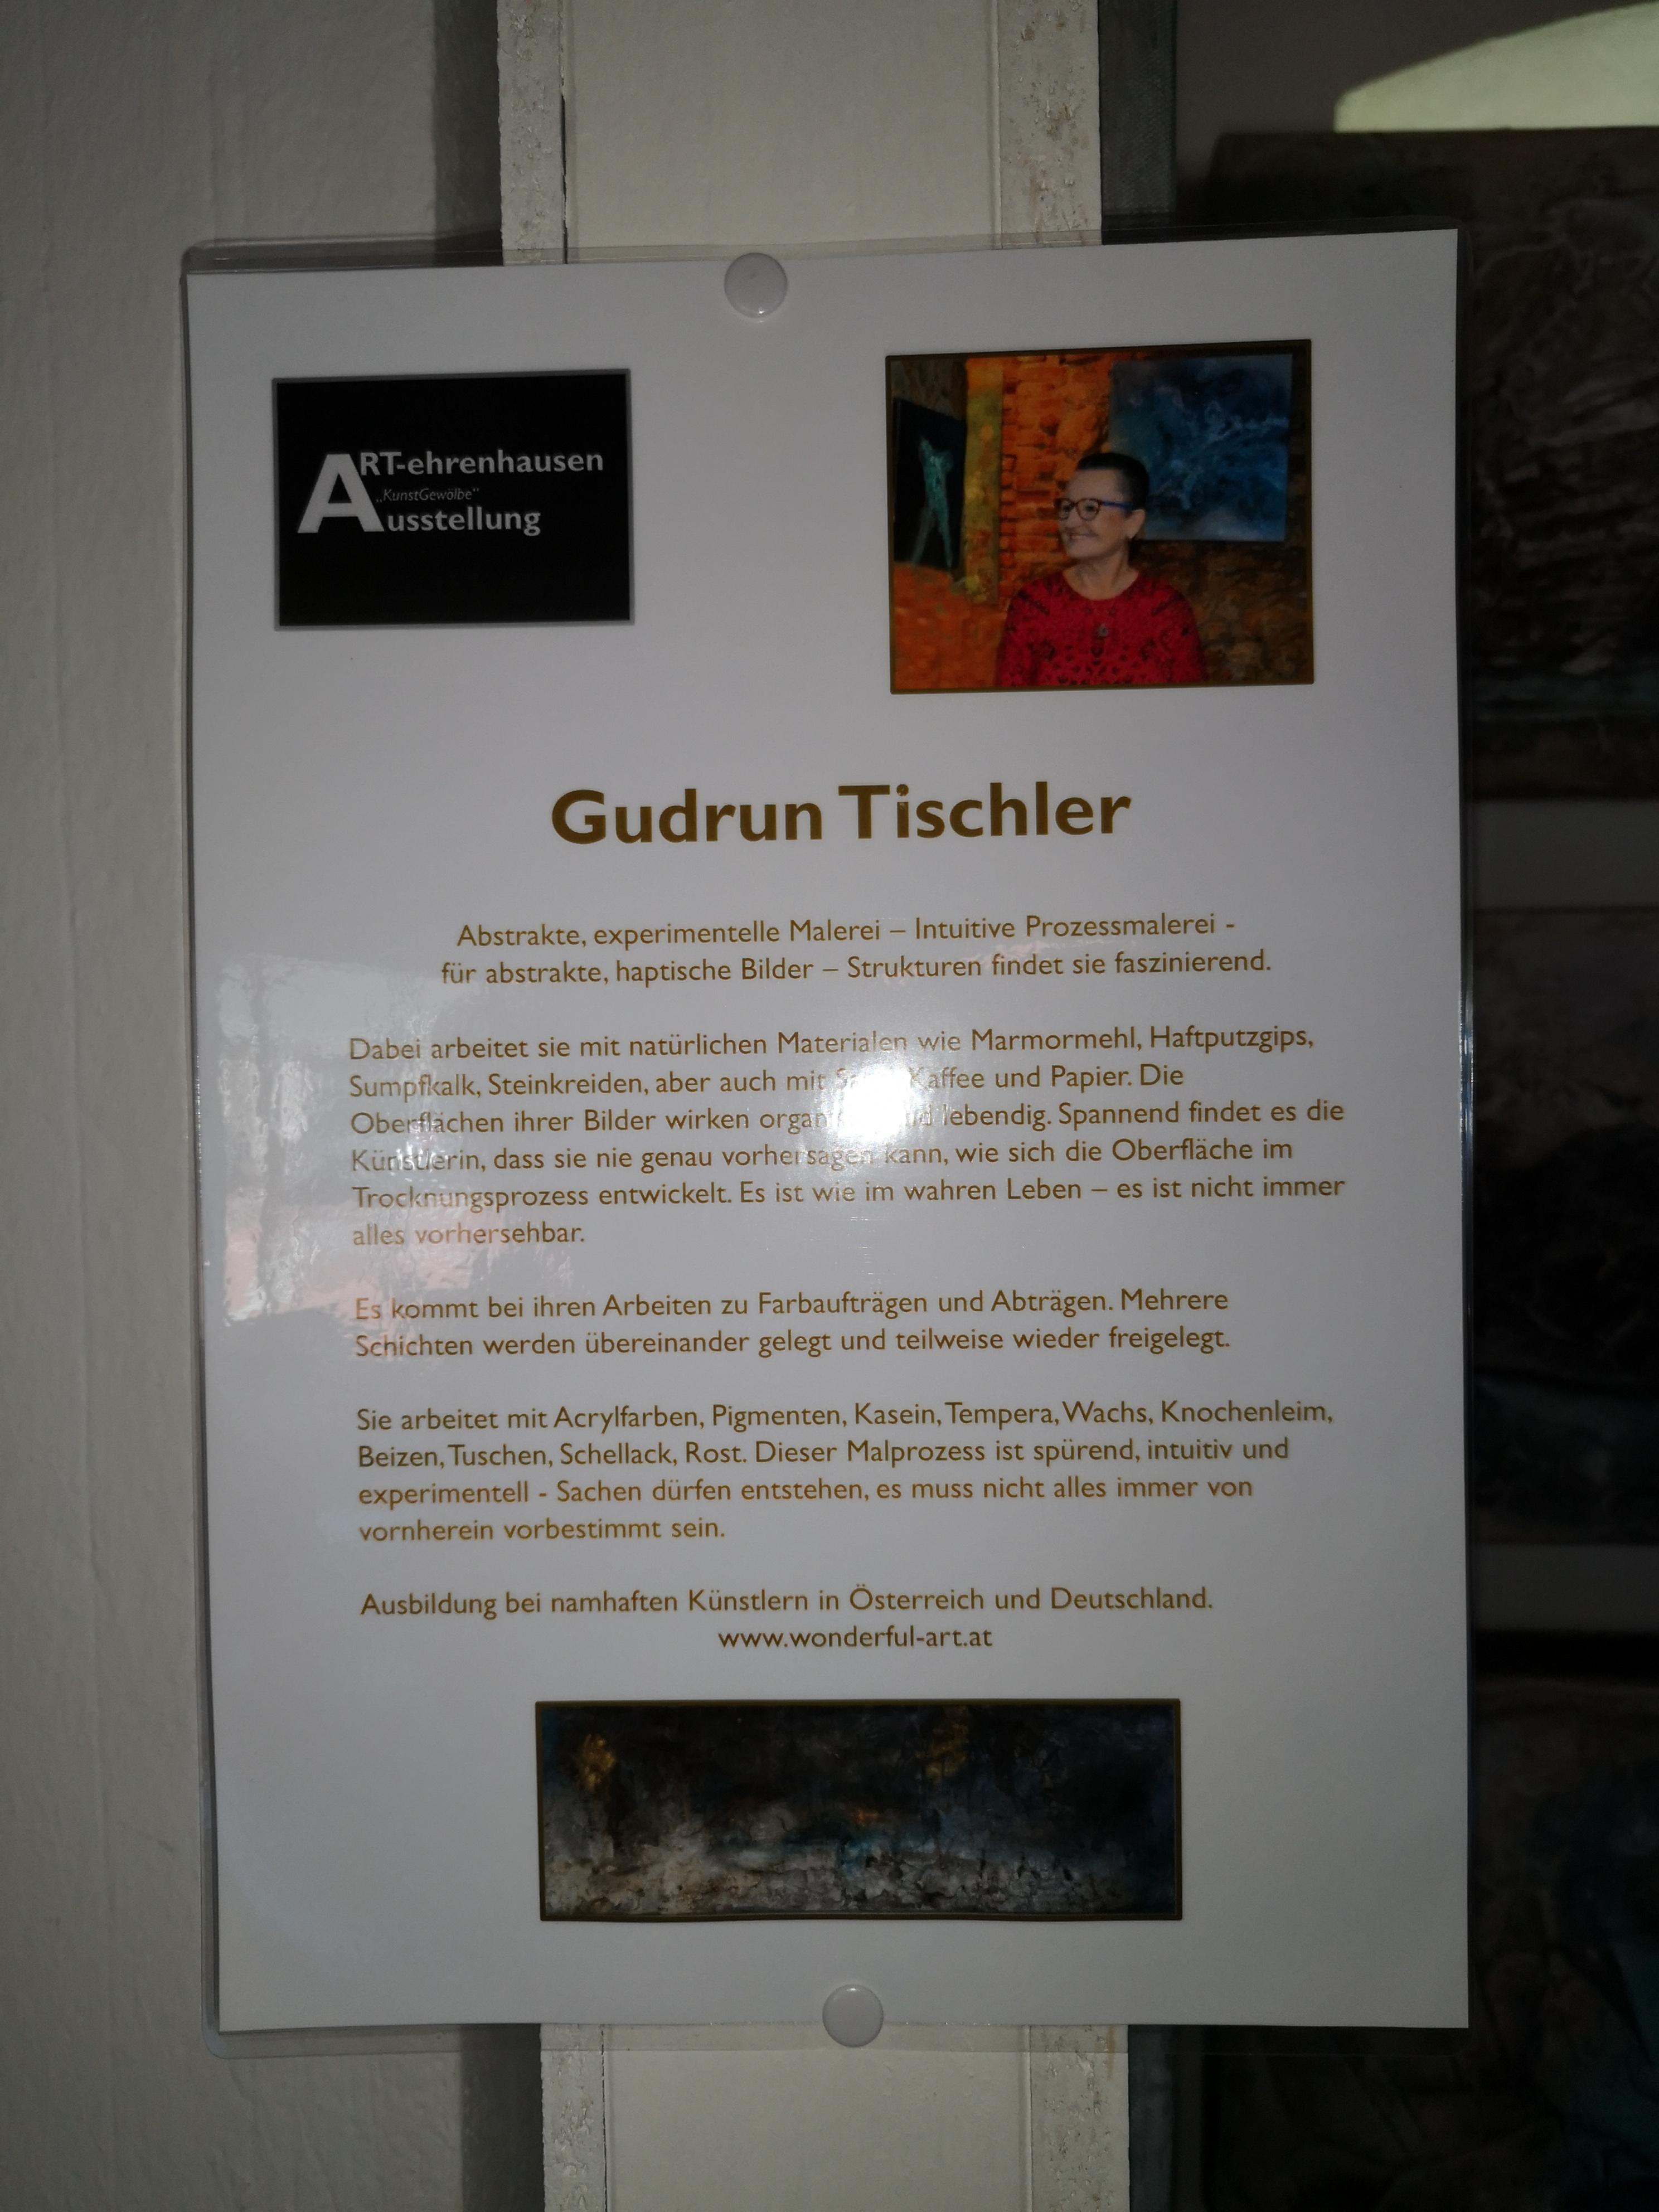 Gudrun Tischler, wonderfulART, Ausstellung, Marmormehl, Struktur, Pigmente, artist, Künstler